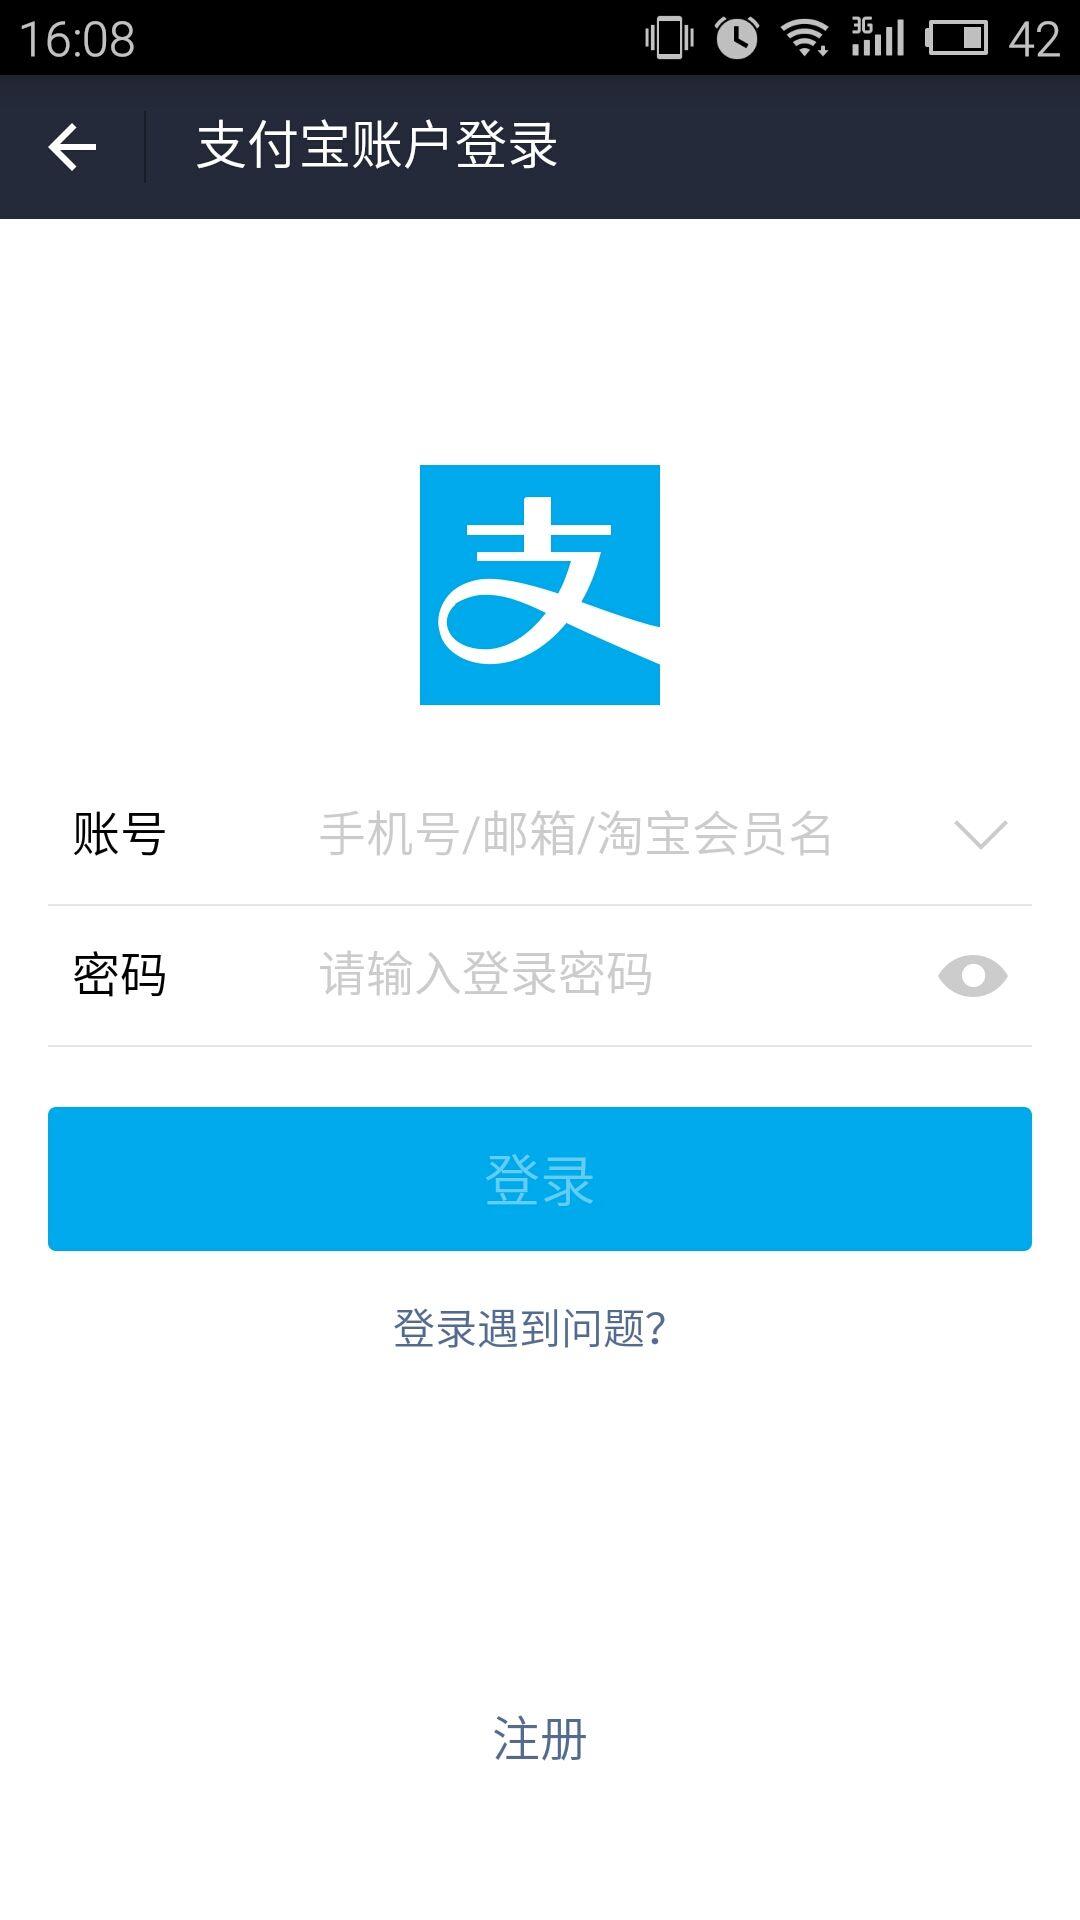 支付宝下载_1,如果已注册支付宝会员,手机下载支付宝钱包可直接登录.